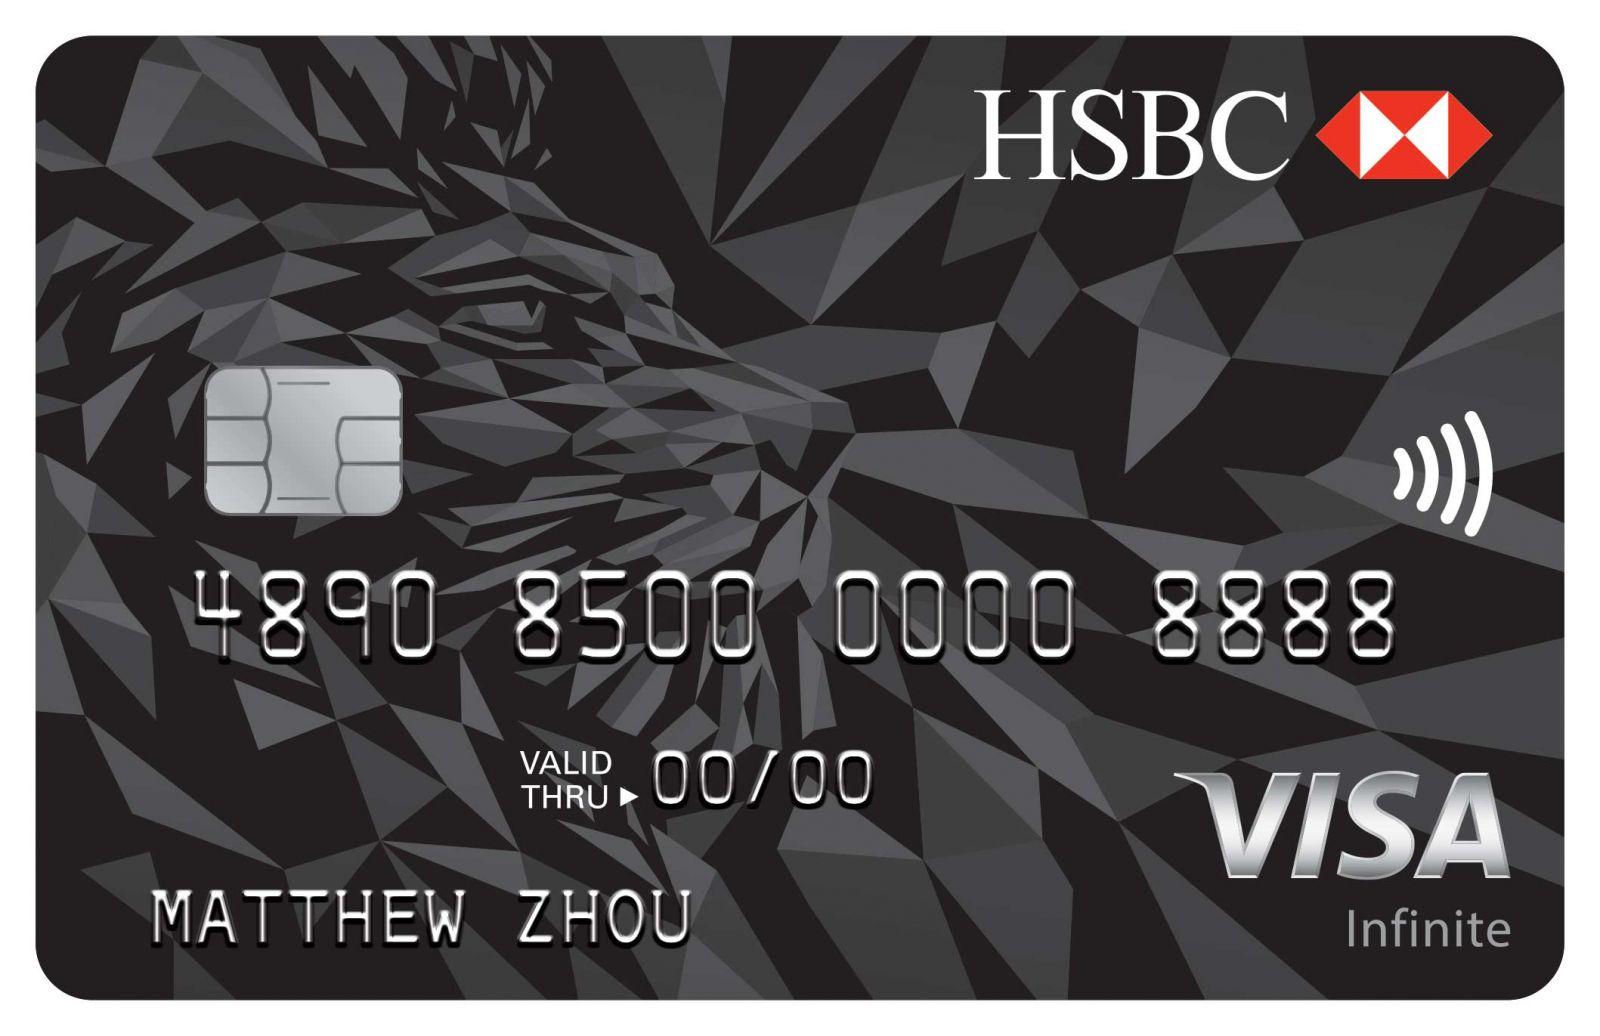 Tarjeta de crédito HSBC Visa Infinite